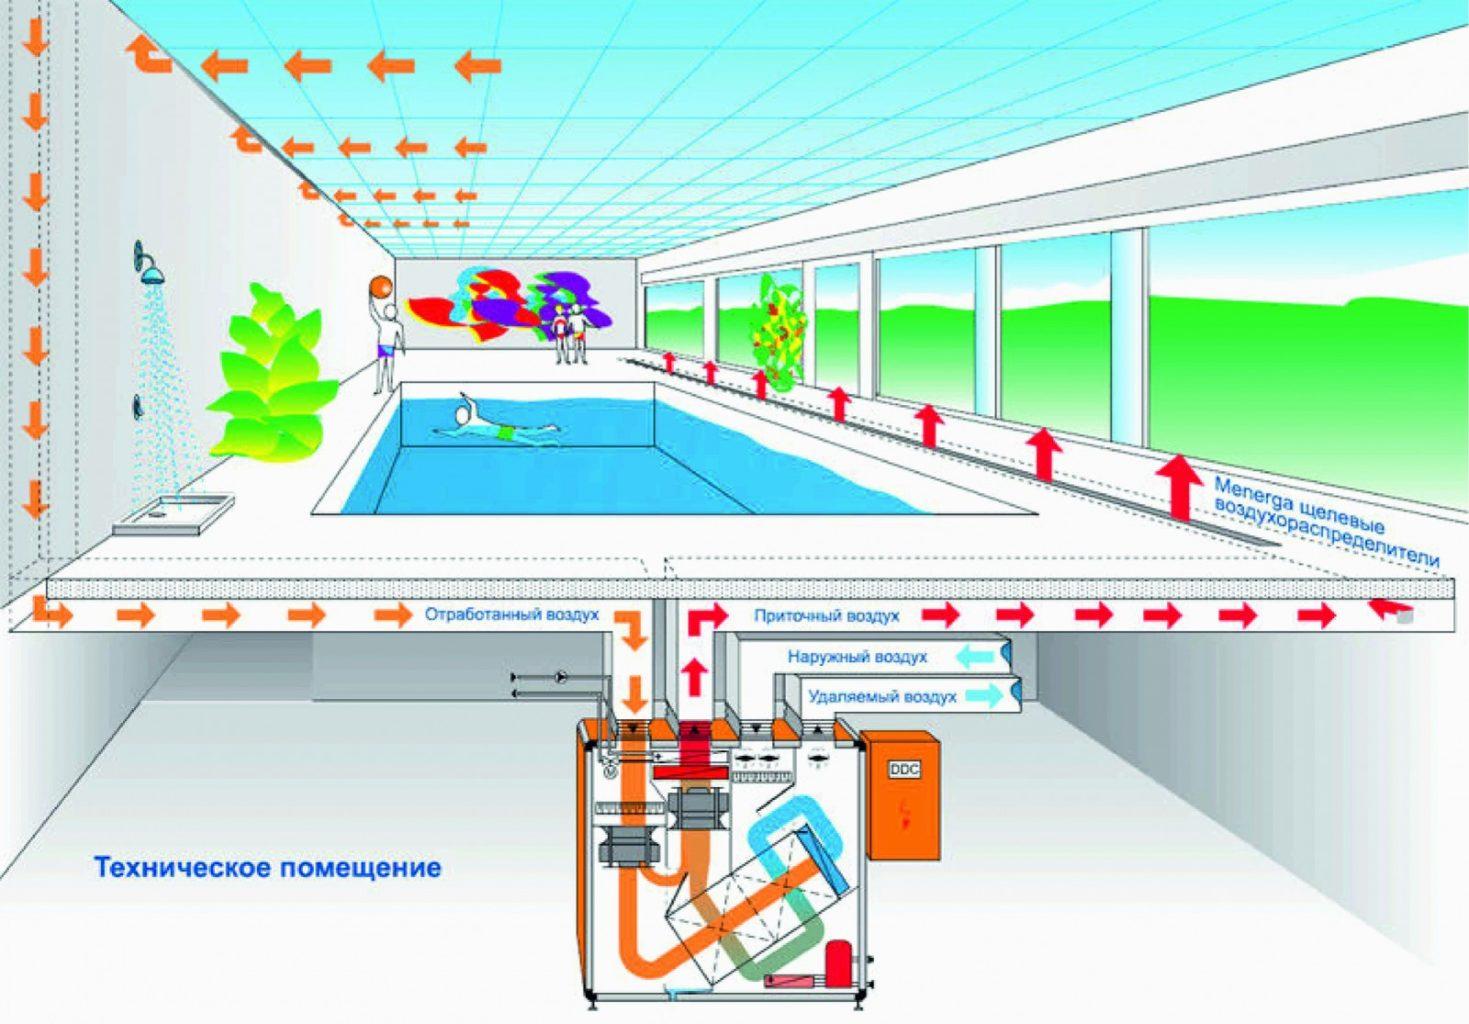 Вентиляция бассейна: требования, проектирование и установка